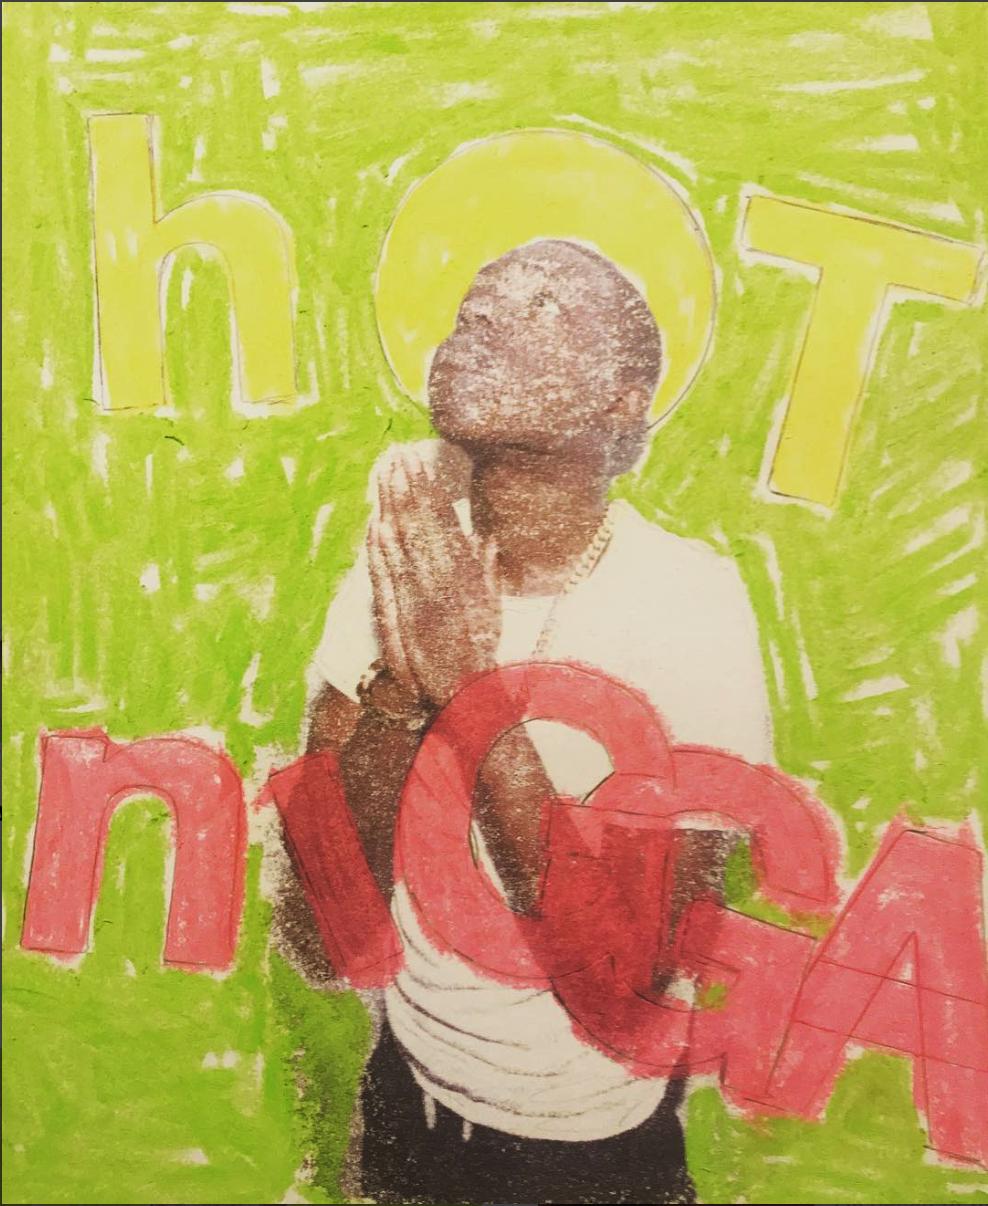 Hot Nigga